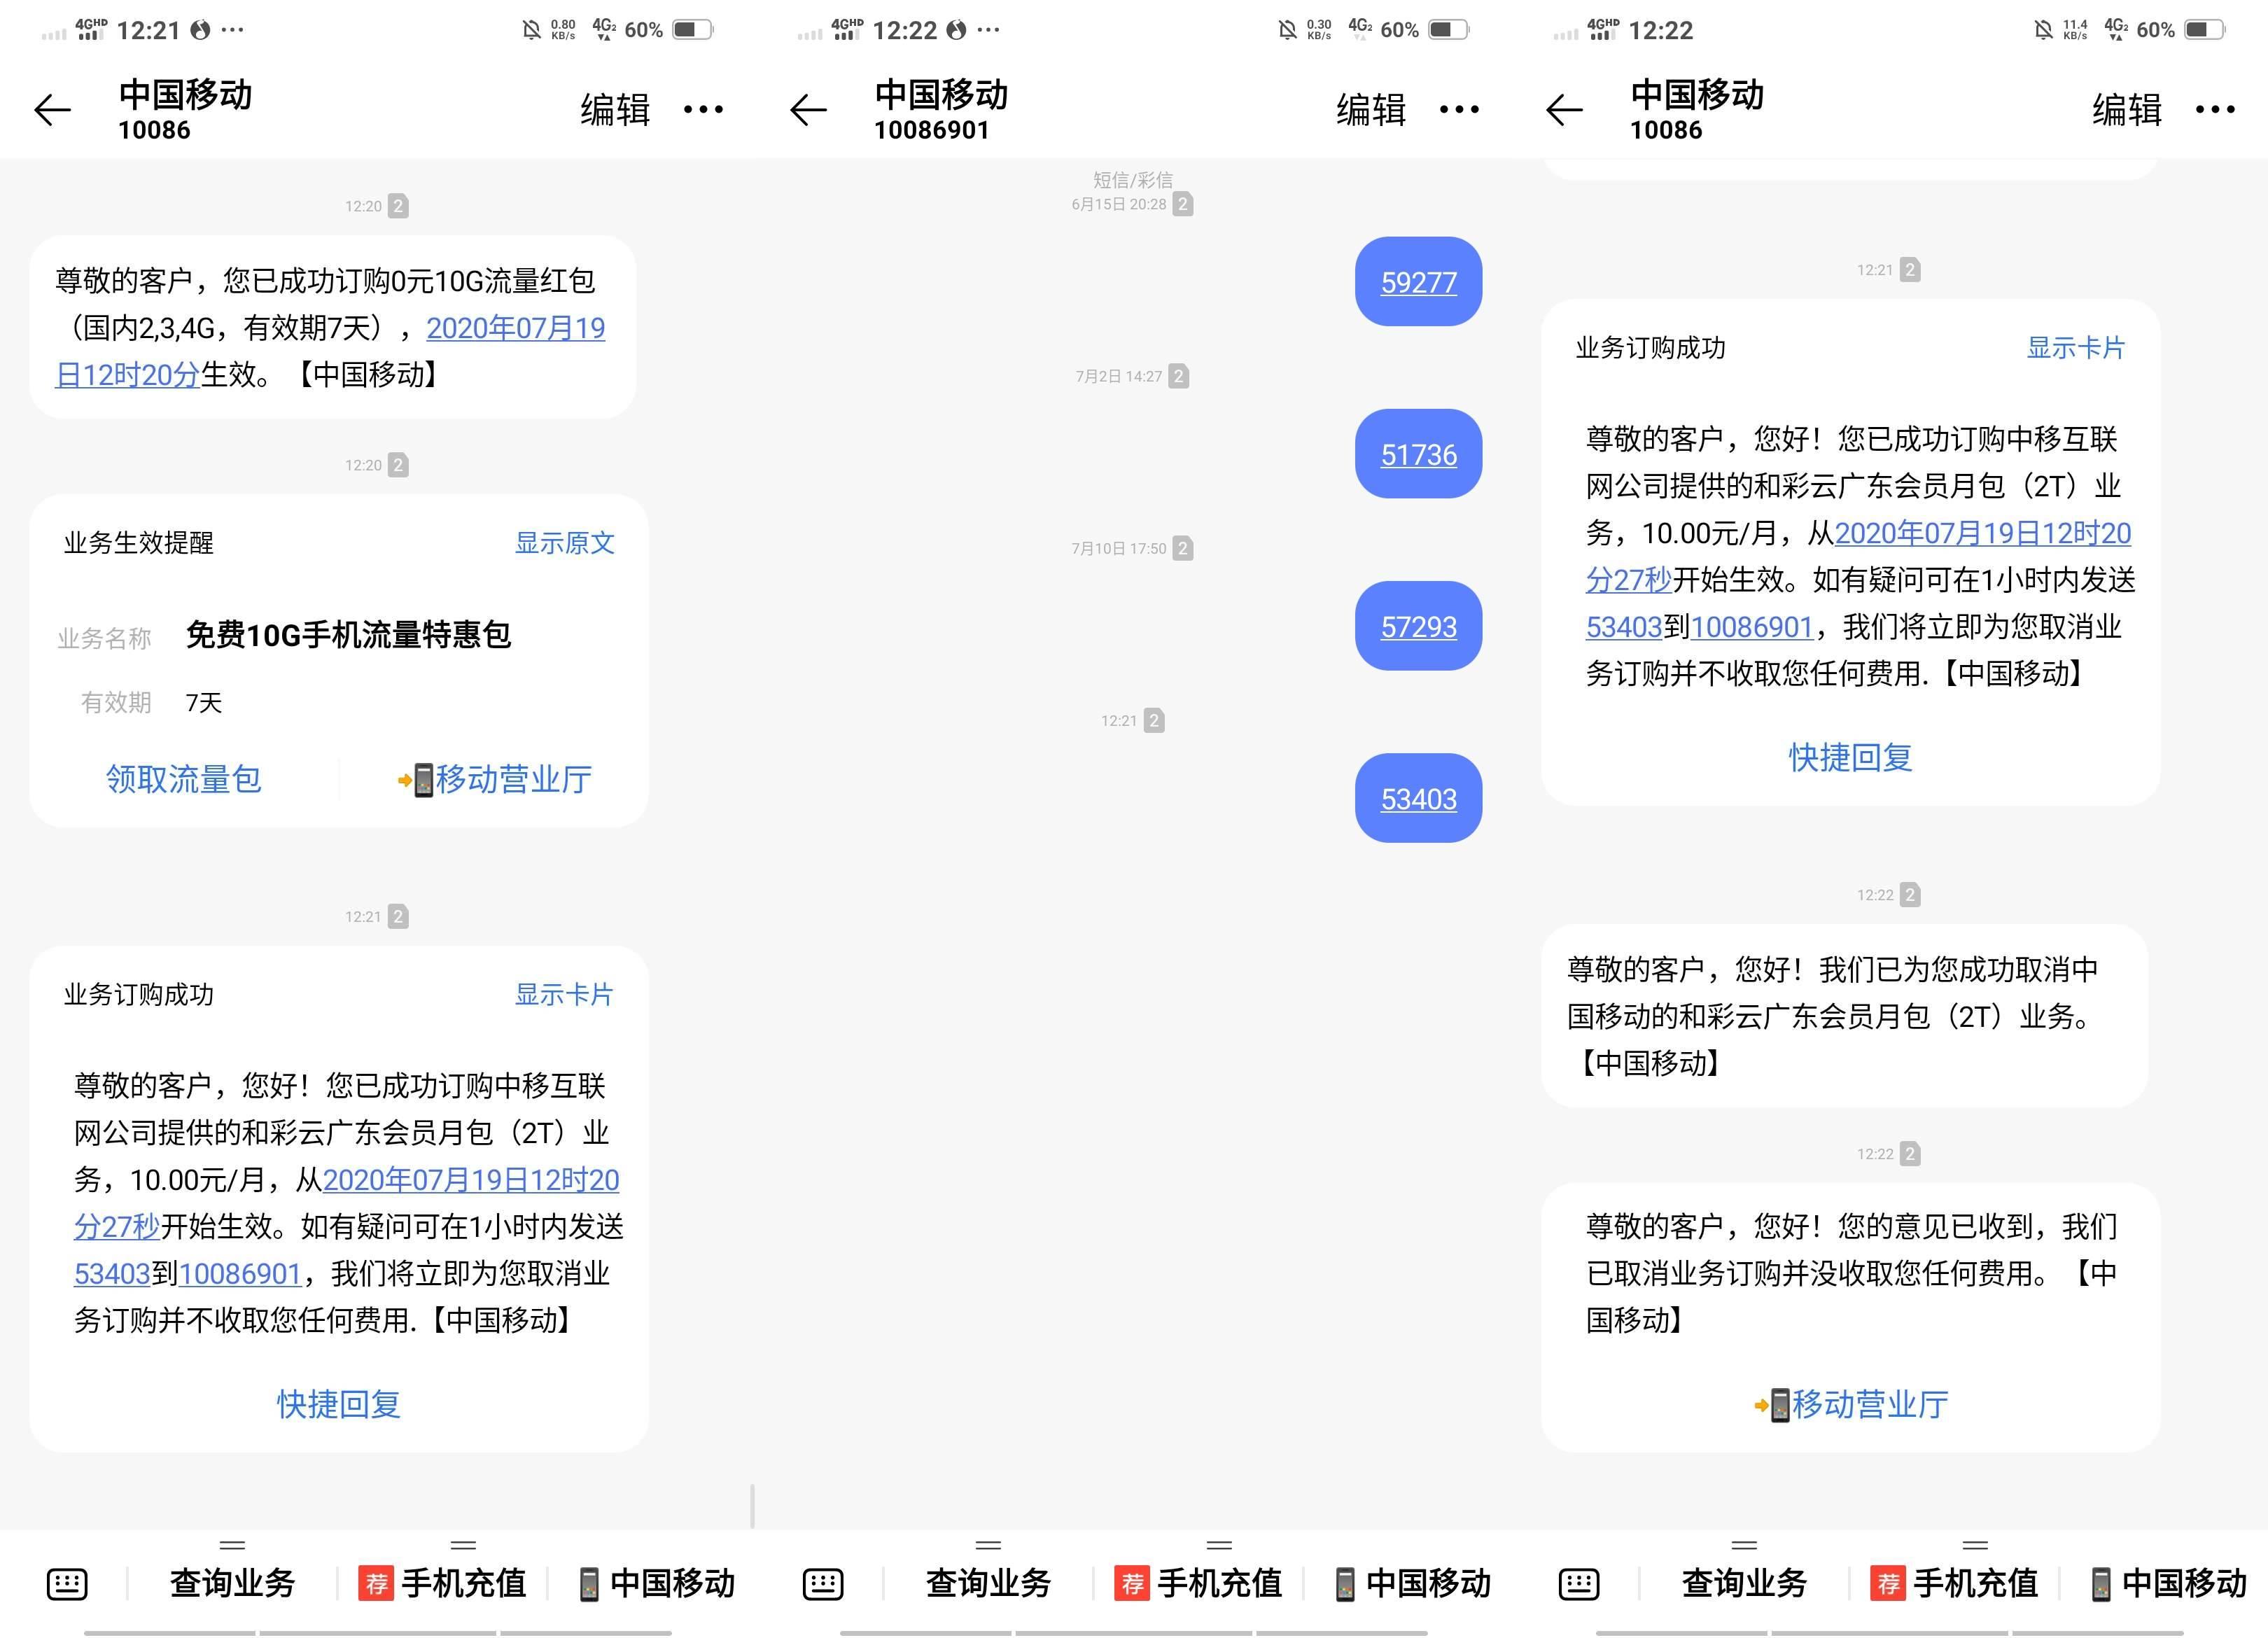 移动广东用户无限领10G流量BUG(限广东)